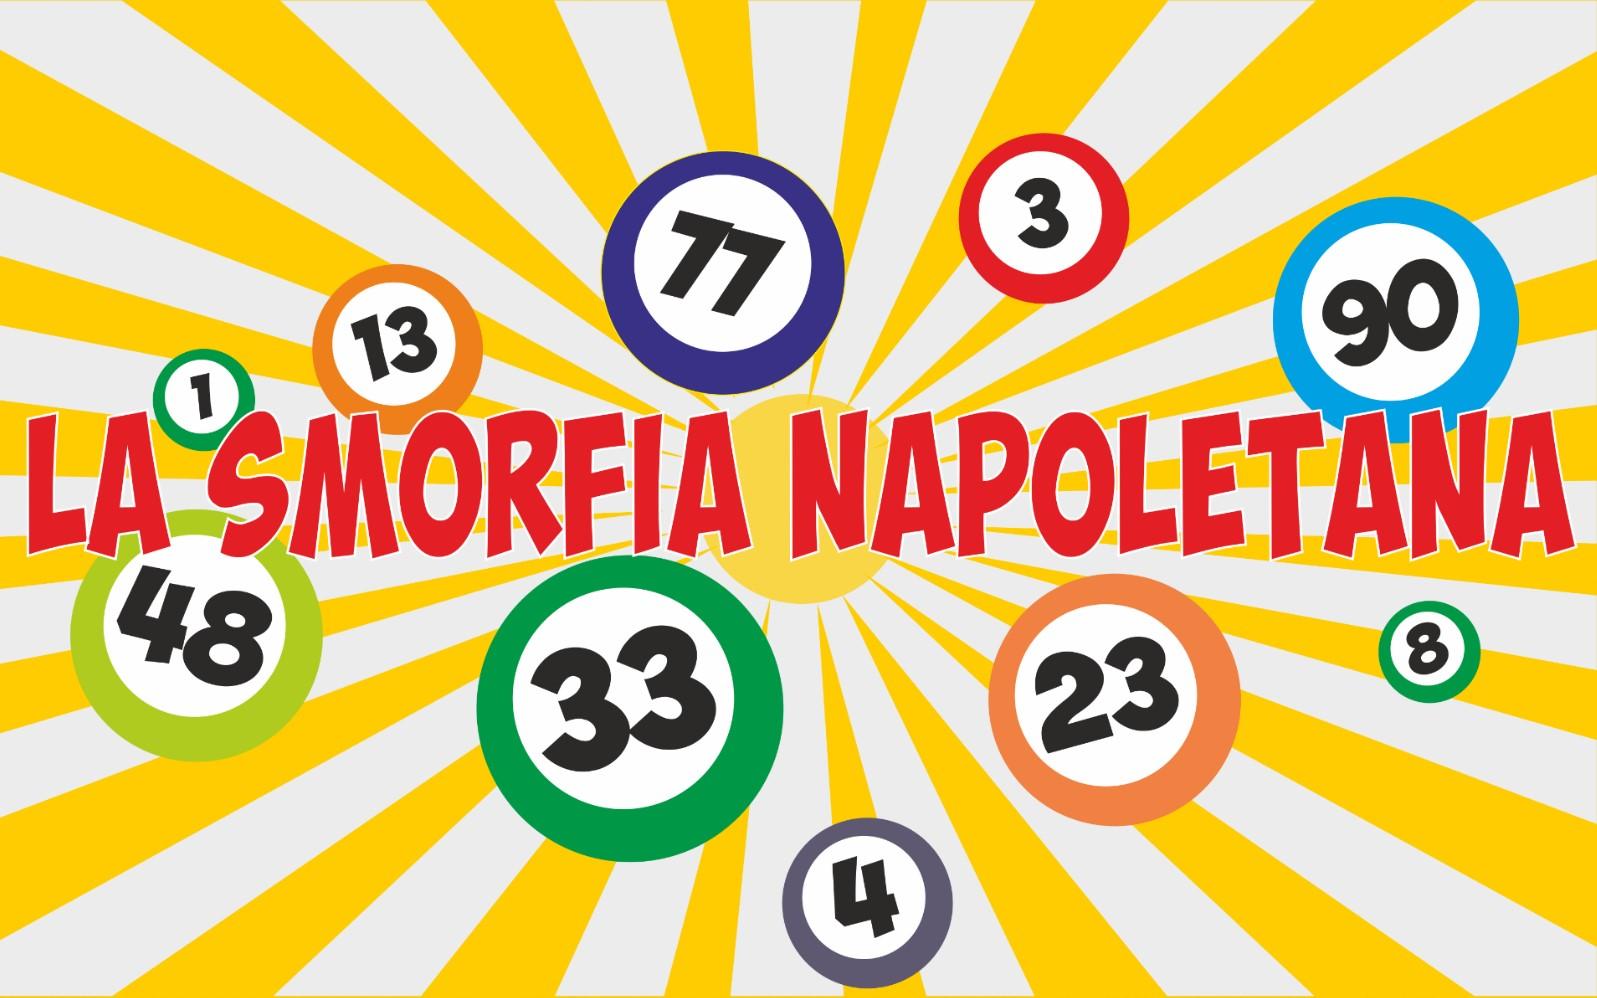 Smorfia Napoletana dal numero 11 i topi al numero 20 la festa